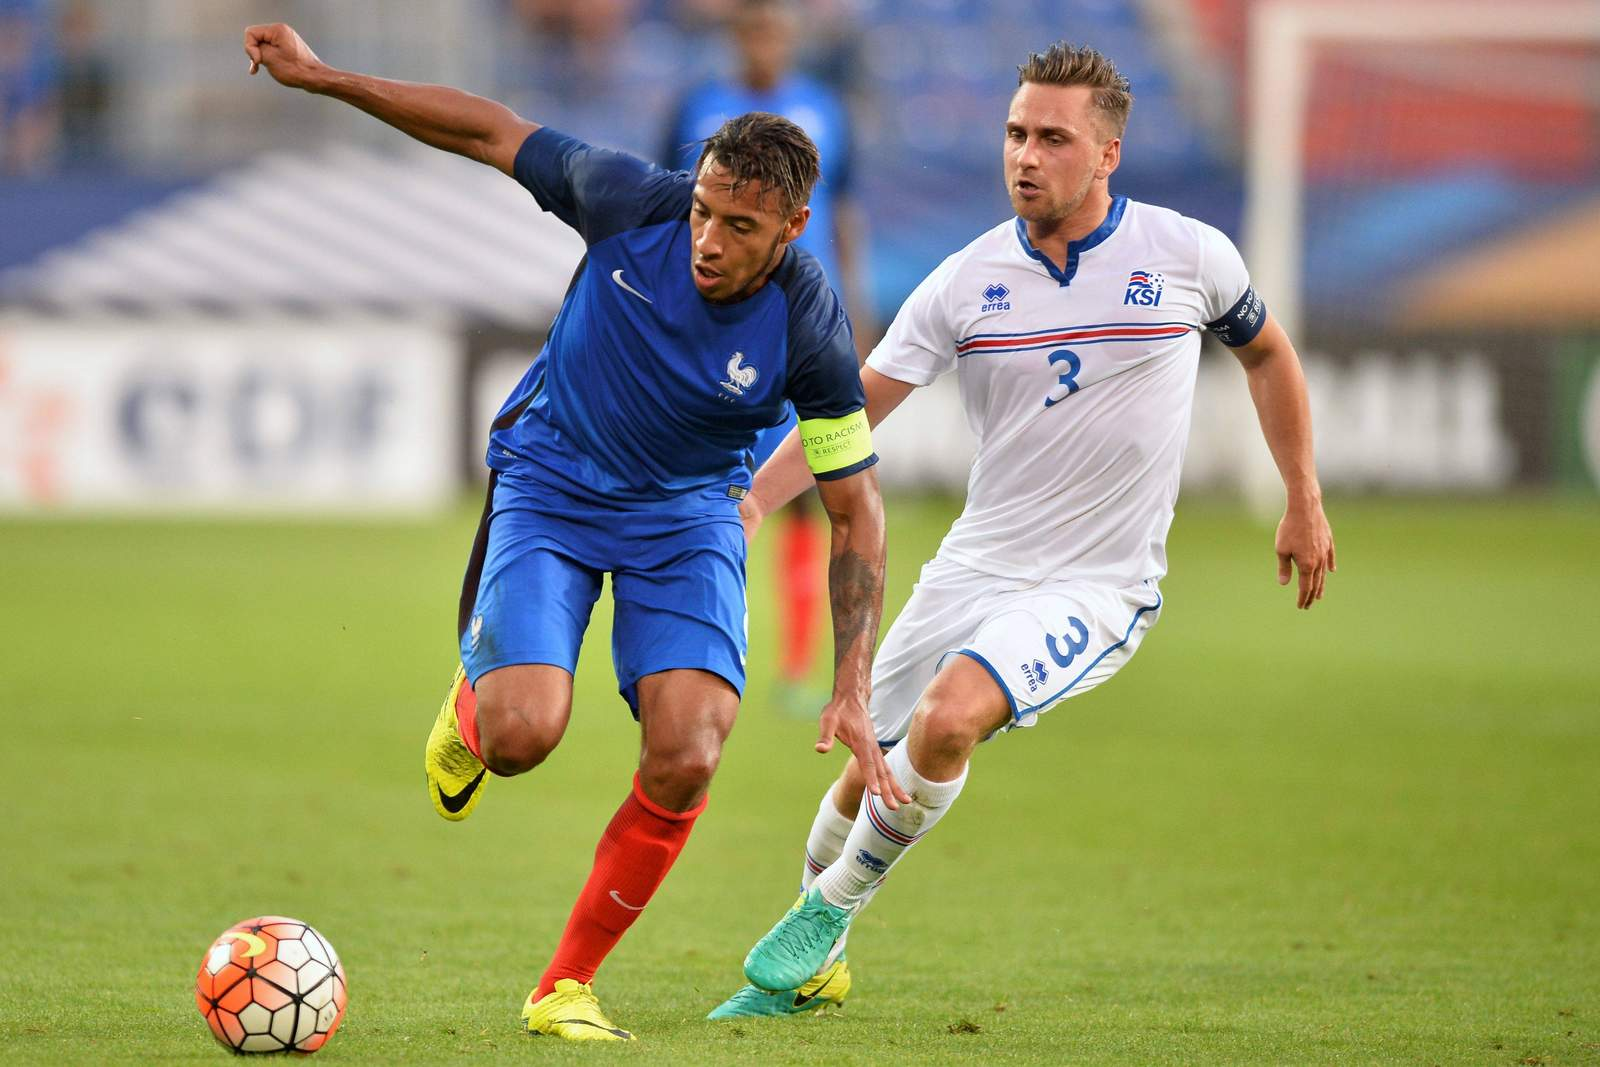 Frankreichs Corentin Tolisso gegen Islands Oliver Sigujonsson